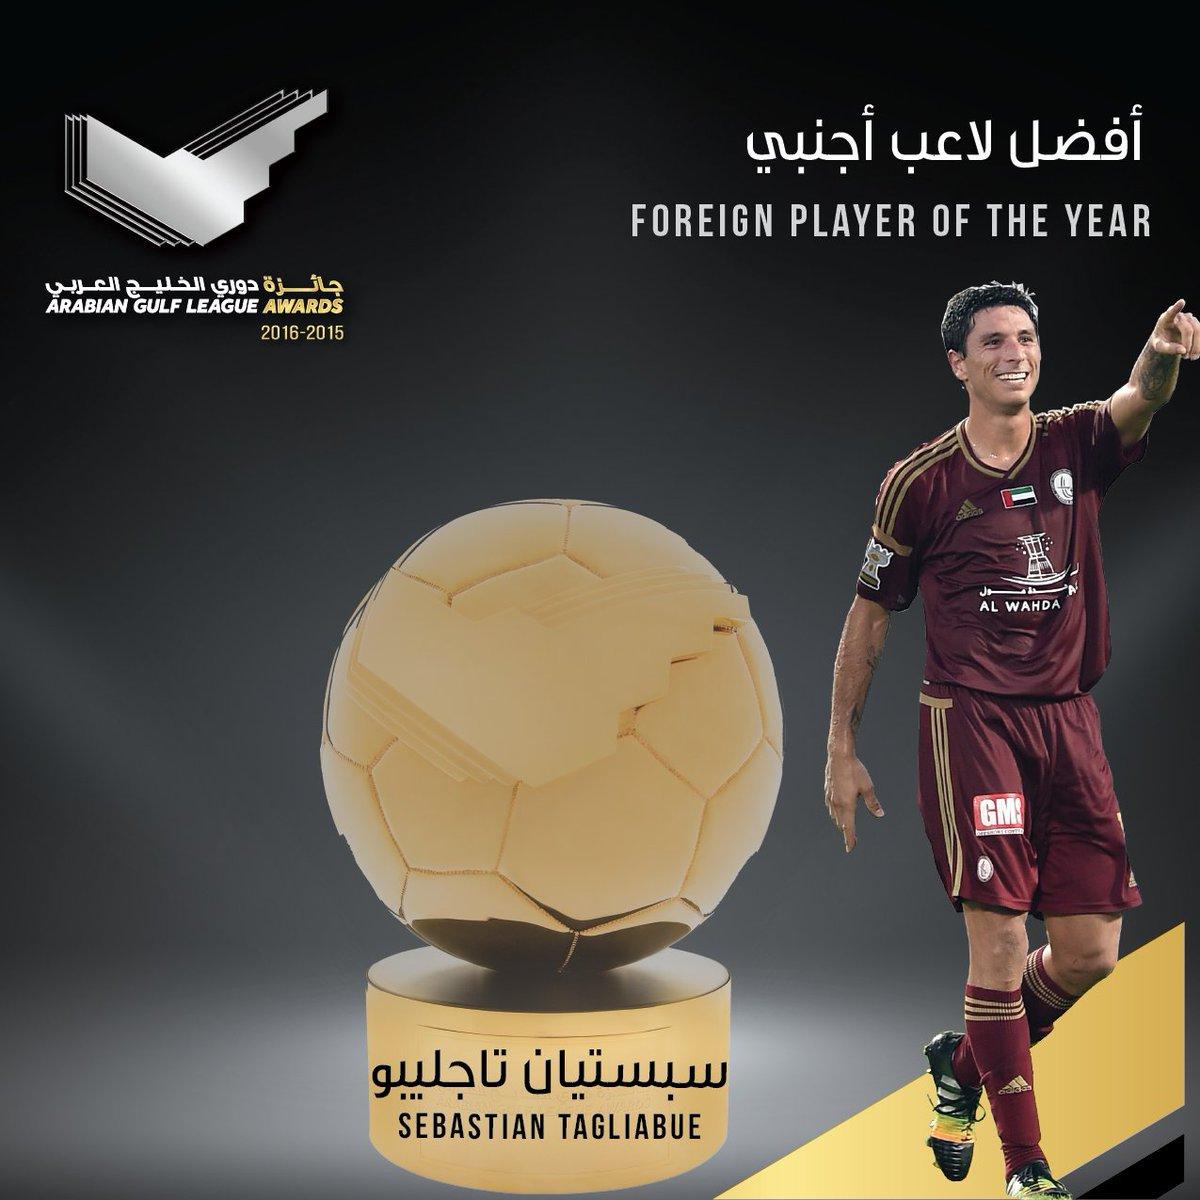 مبروك لسبستيان تاجليبو الفائز بجائزة أفضل لاعب أجنبي #جائزة_دوري_الخليج_العربي https://t.co/7O6ui2KFmX